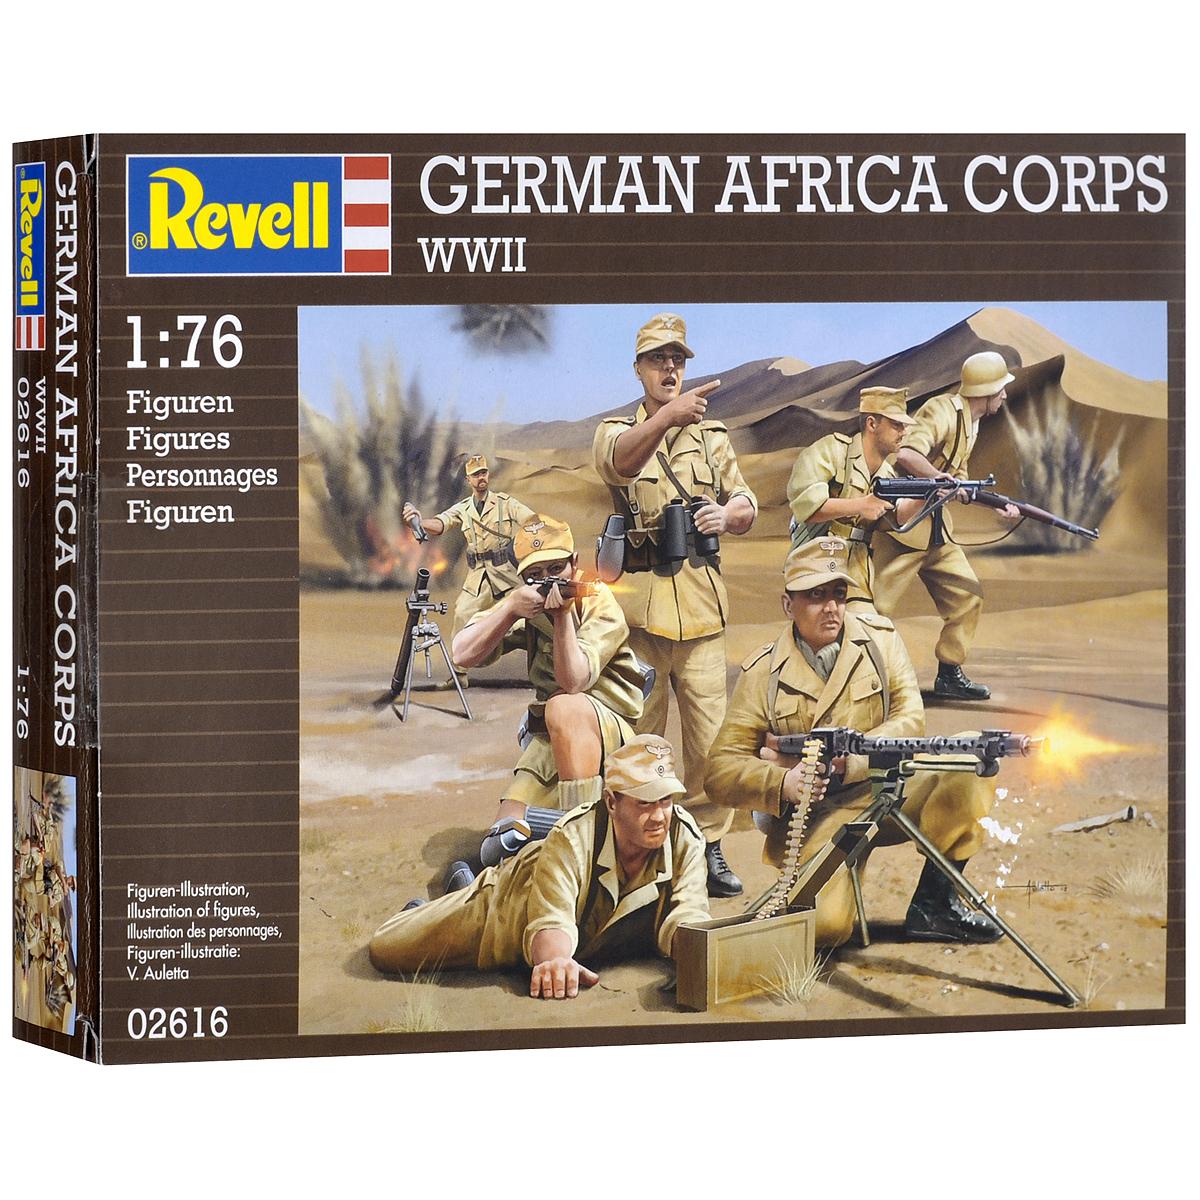 Набор миниатюр Revell Немецкие войска в Африке2616В комплект набора миниатюр Revell Немецкие войска в Африке входят 50 пластиковых неокрашенных фигурок в виде солдатов немецкой армии во время службы в Африке в различных позах. Реалистичный вид фигурок позволит воспроизвести события минувших дней. В начале 1941 года Германское верховное командование отправил Африканский Корпус, чтобы помочь своим итальянских союзников в Ливии. Кроме фигурок людей в наборе имеются два элемента оружия. Занимаясь раскраской фигур и играя с ними, ребенок сможет развивать ловкость, мелкую моторику рук, терпение усидчивость, а также получит исторические знания. Клей и краски в комплект не входят.